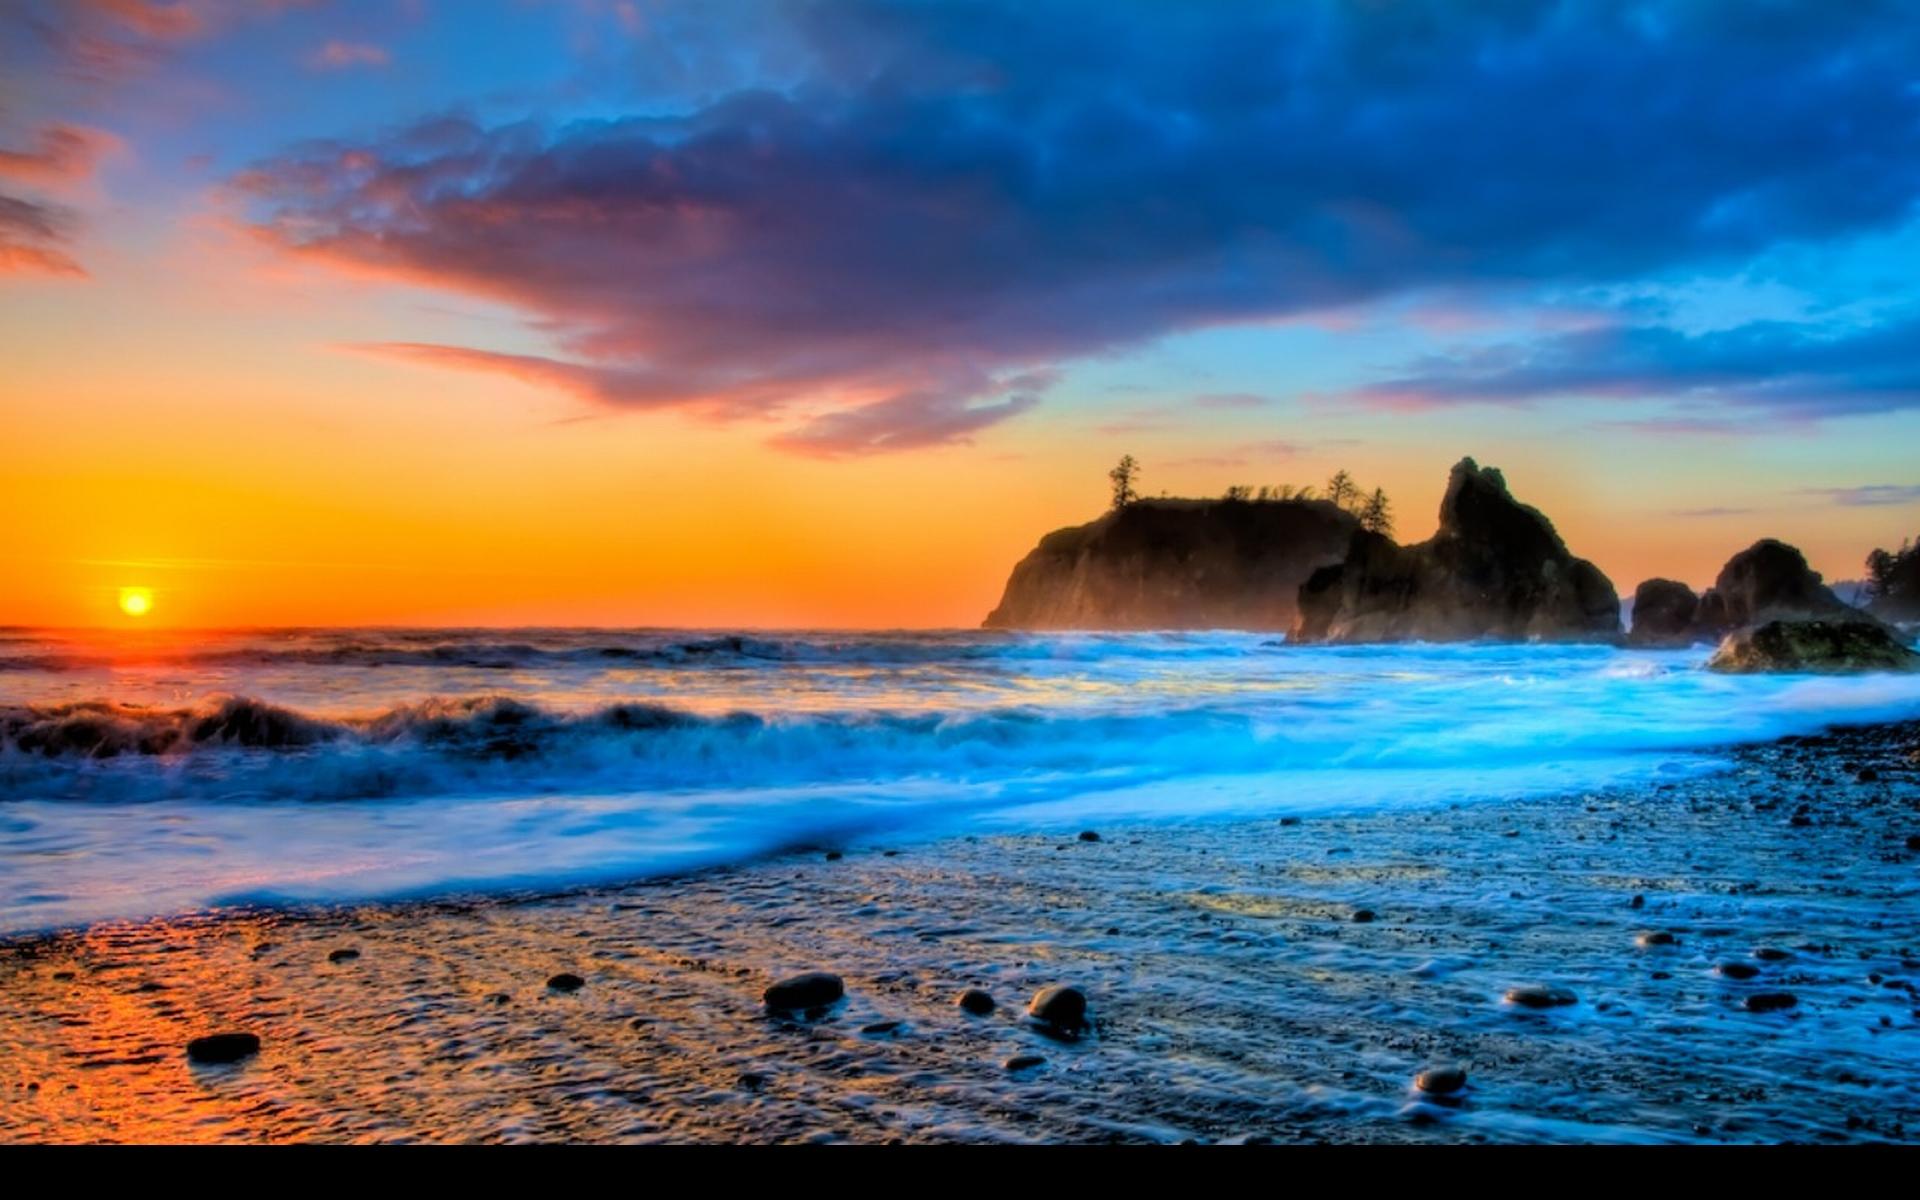 Hd wallpaper beach - Beach Sunset Wallpaper